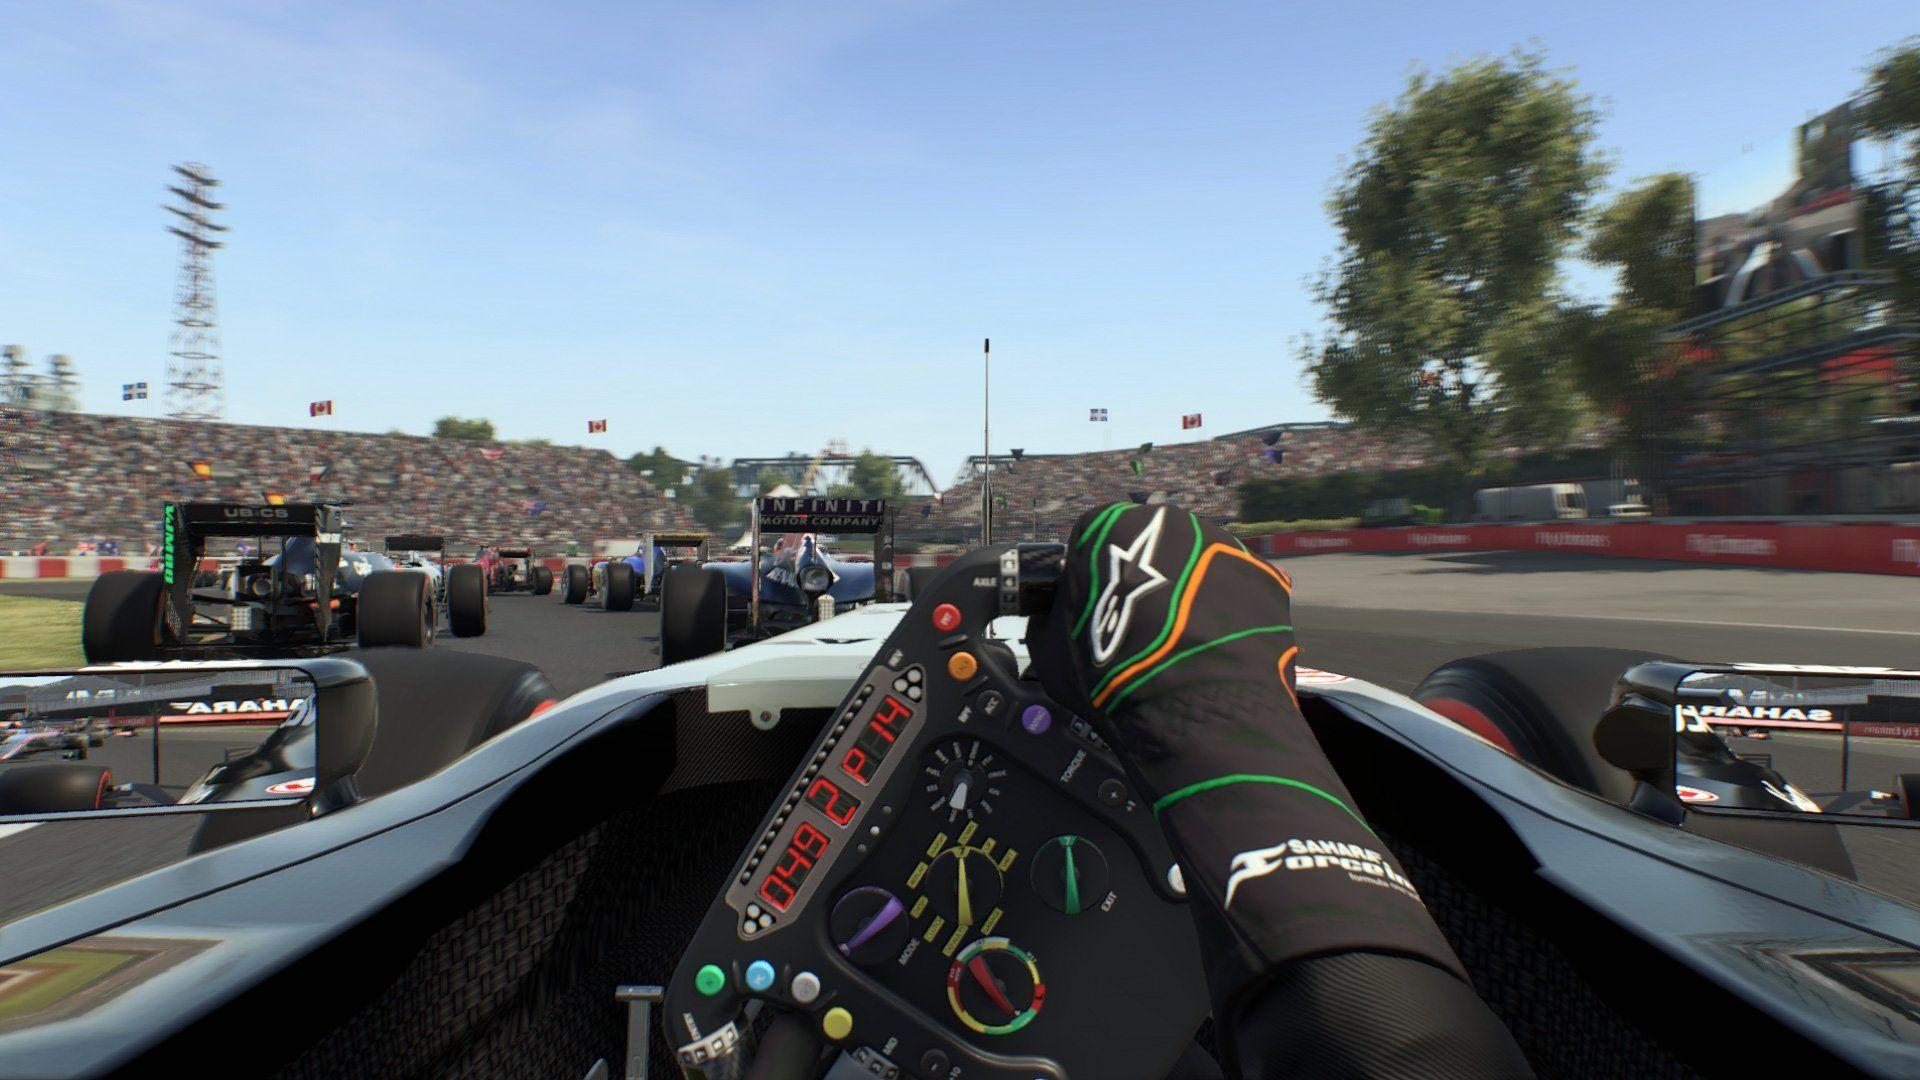 F1 2015 (PS4) - 3